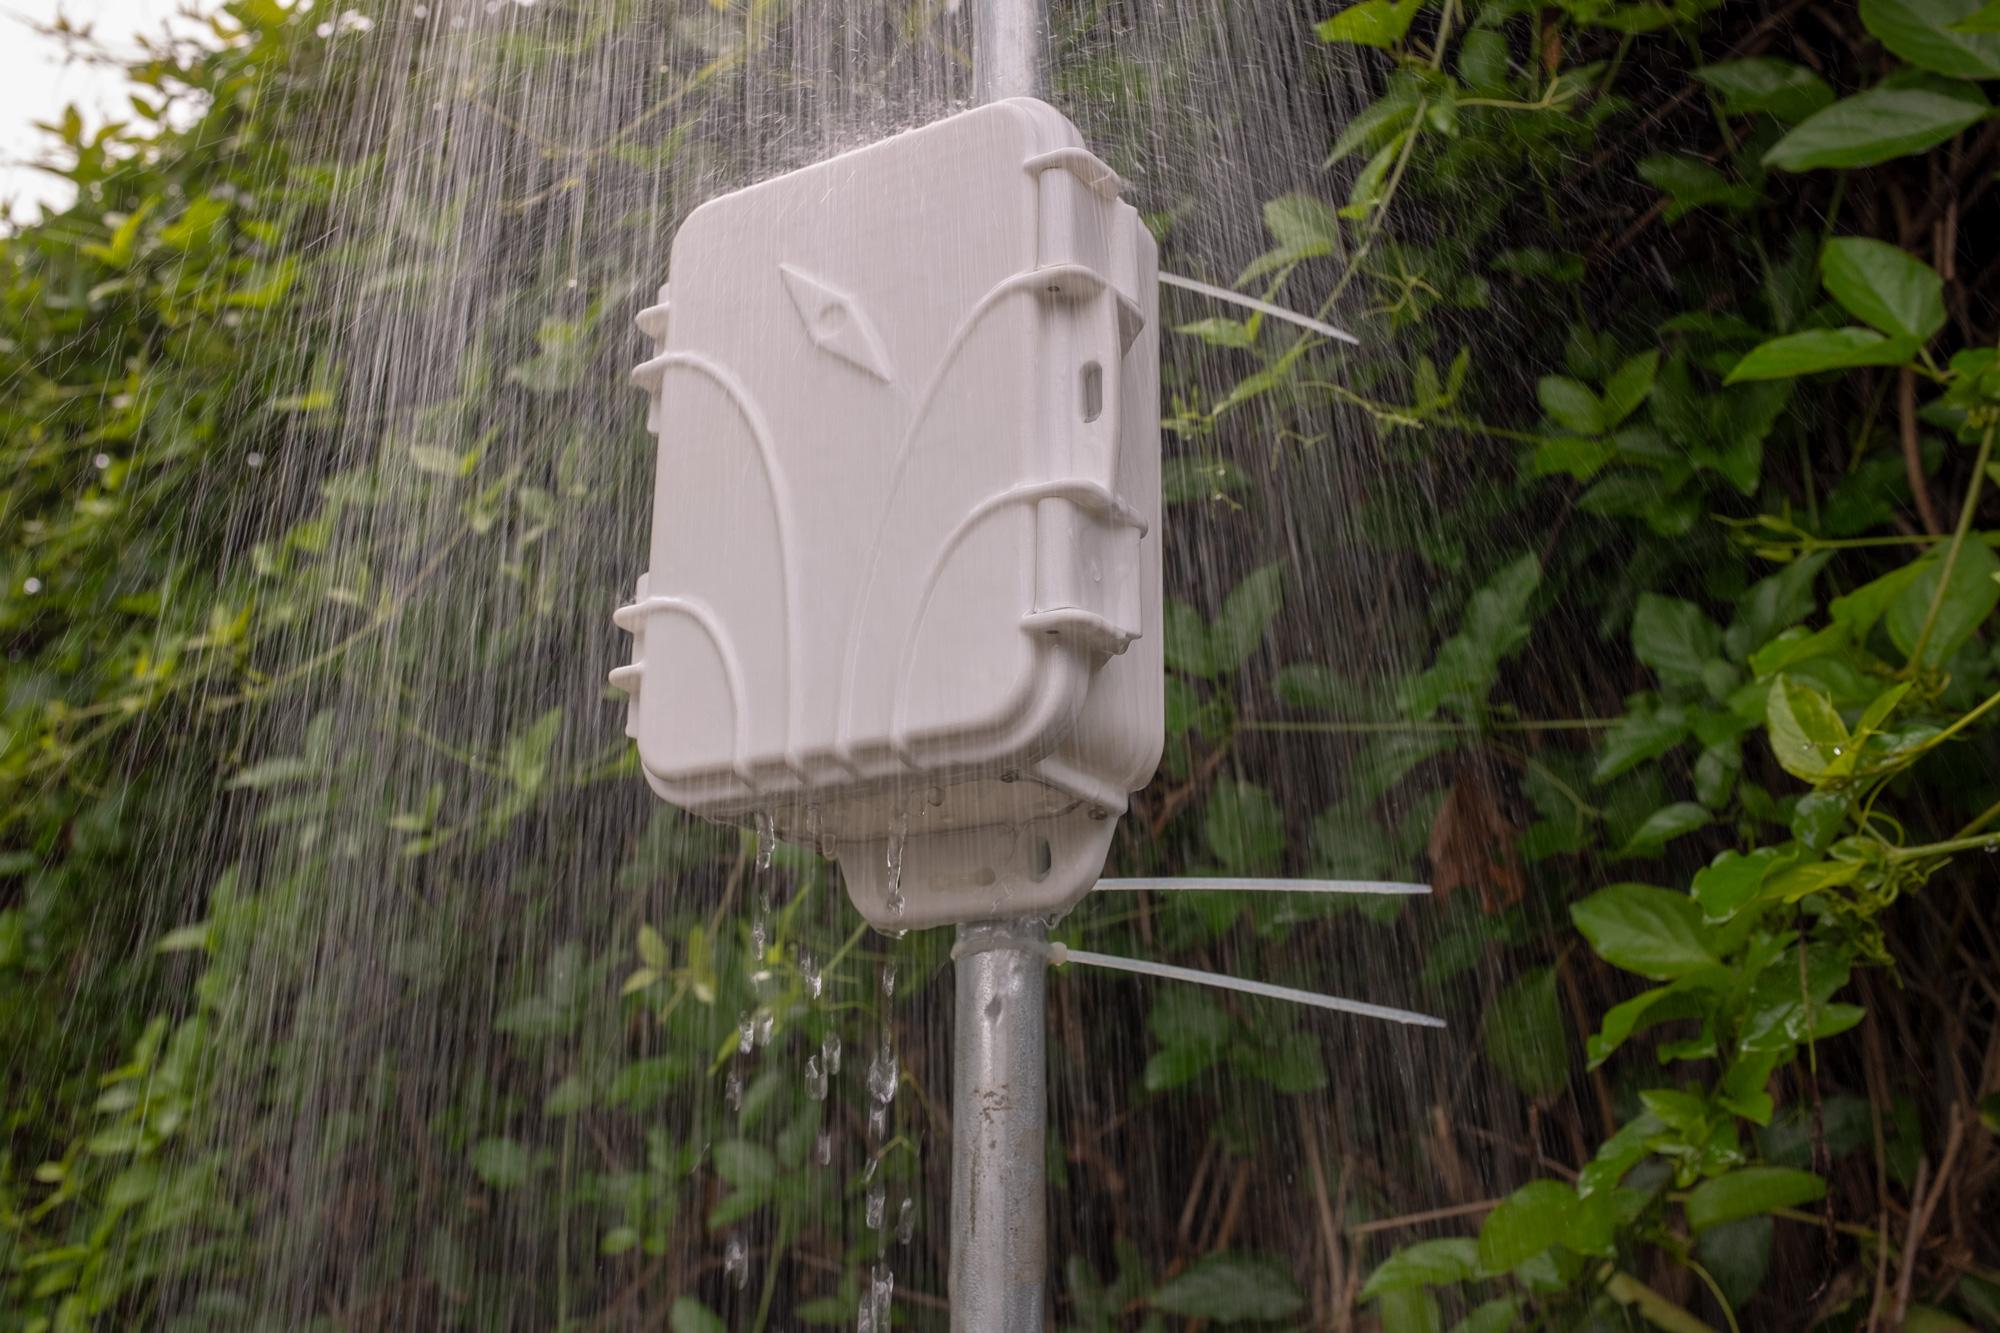 FieldKit Testing Water